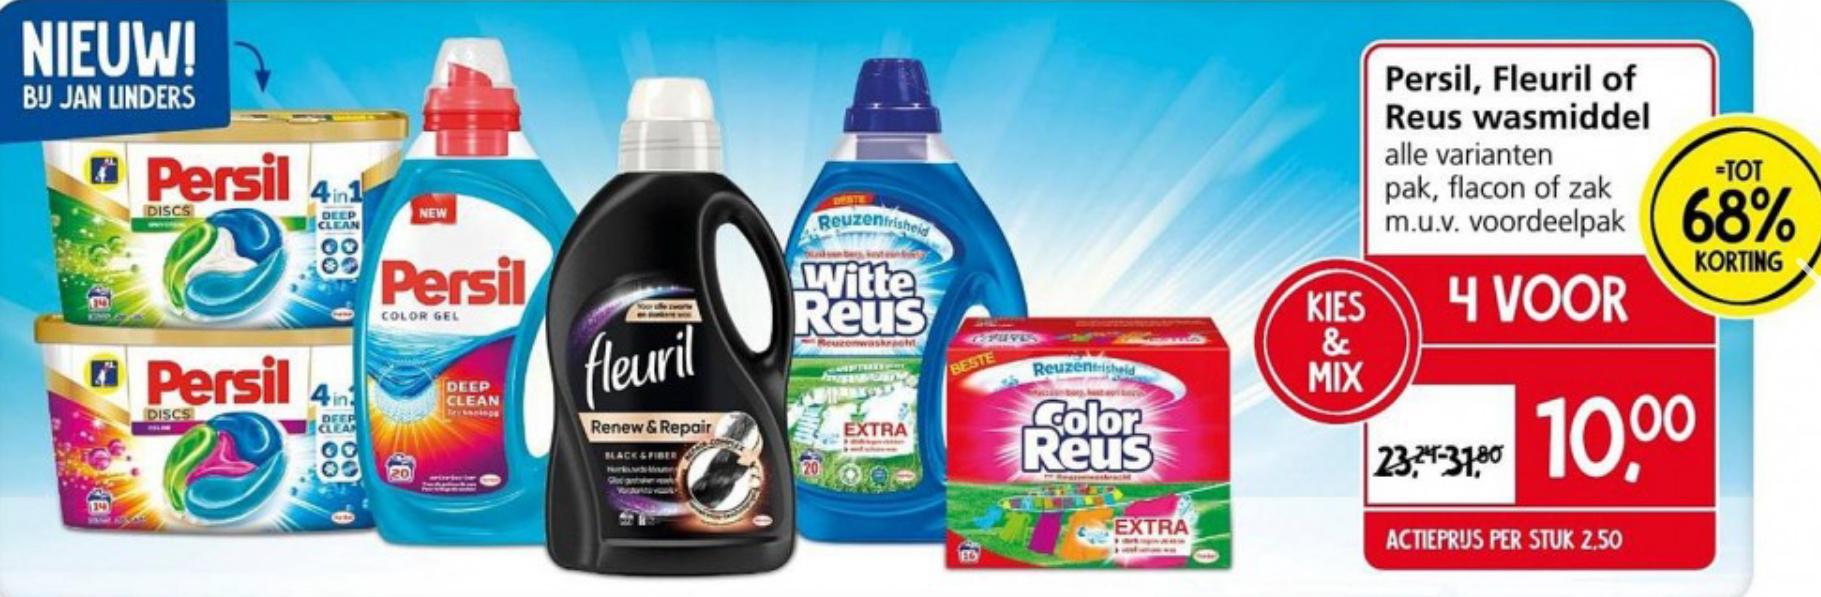 4 voor €10 - Persil, Fleuril of Reus wasmiddel alle varianten pak, flacon of zak m.u.v. voordeelpakken @ Jan Linders